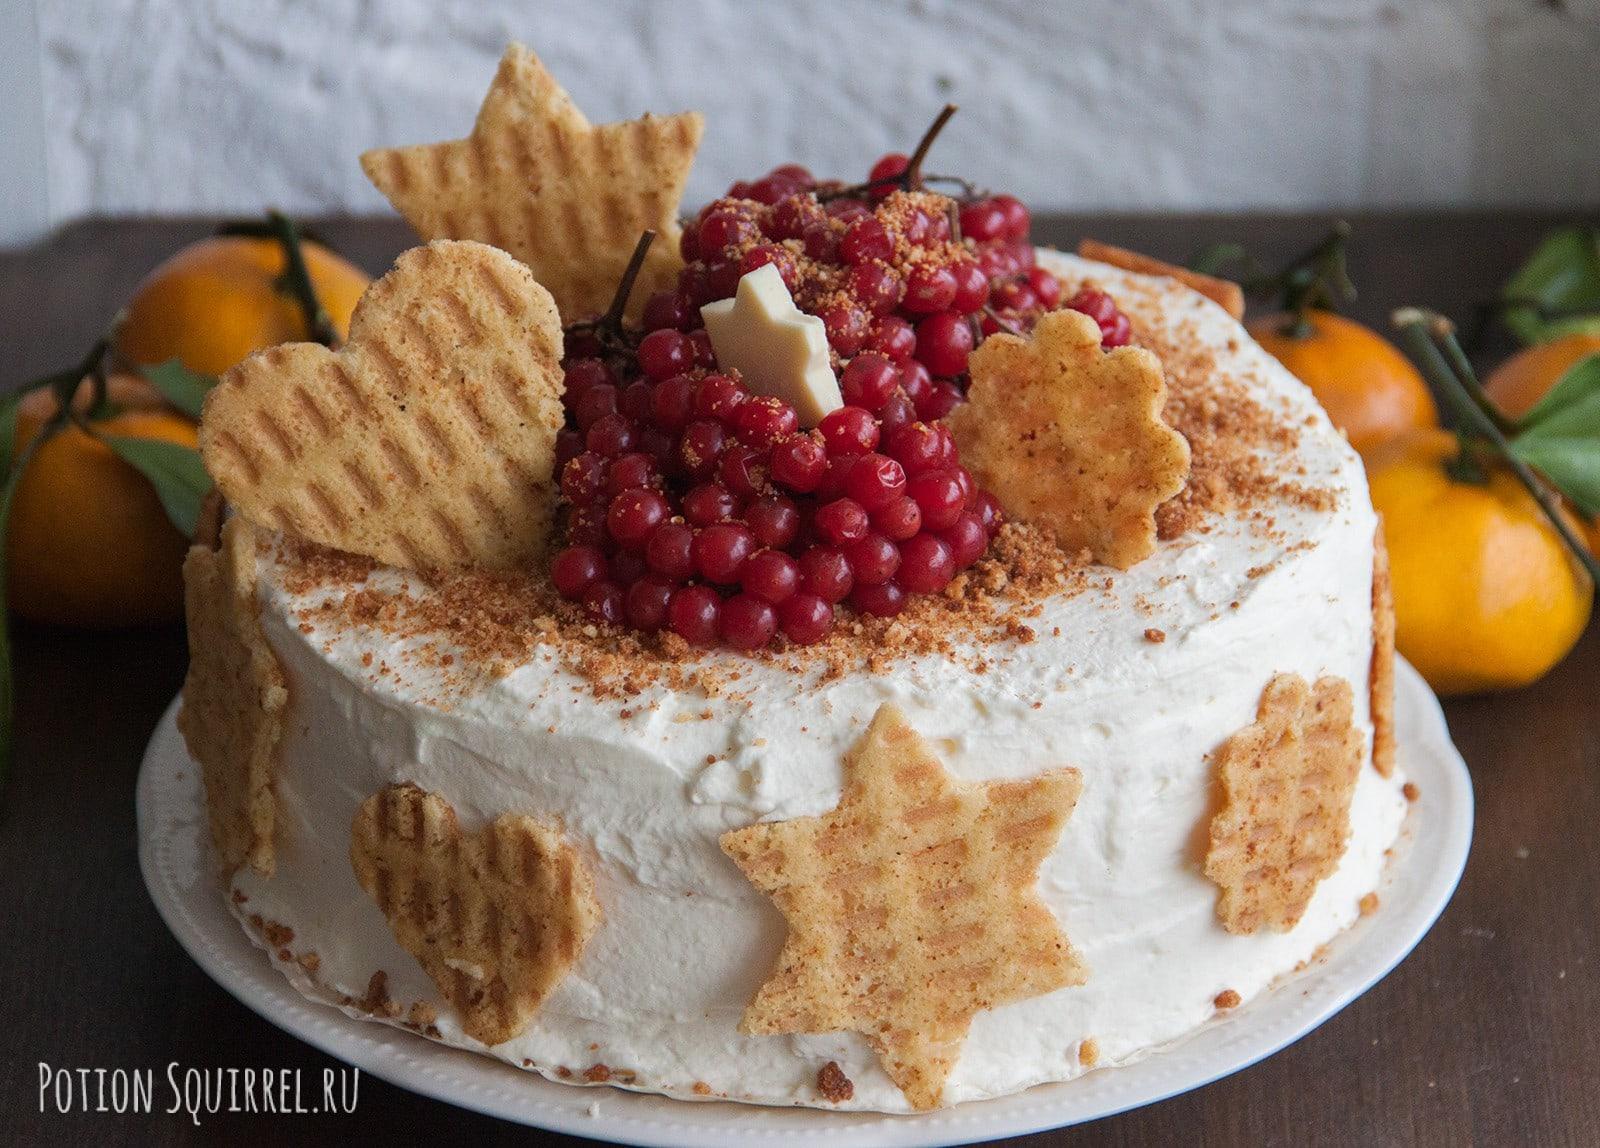 Морковный торт с кокосом и орехами. Пошаговый рецепт с фото от potionsquirrel.ru